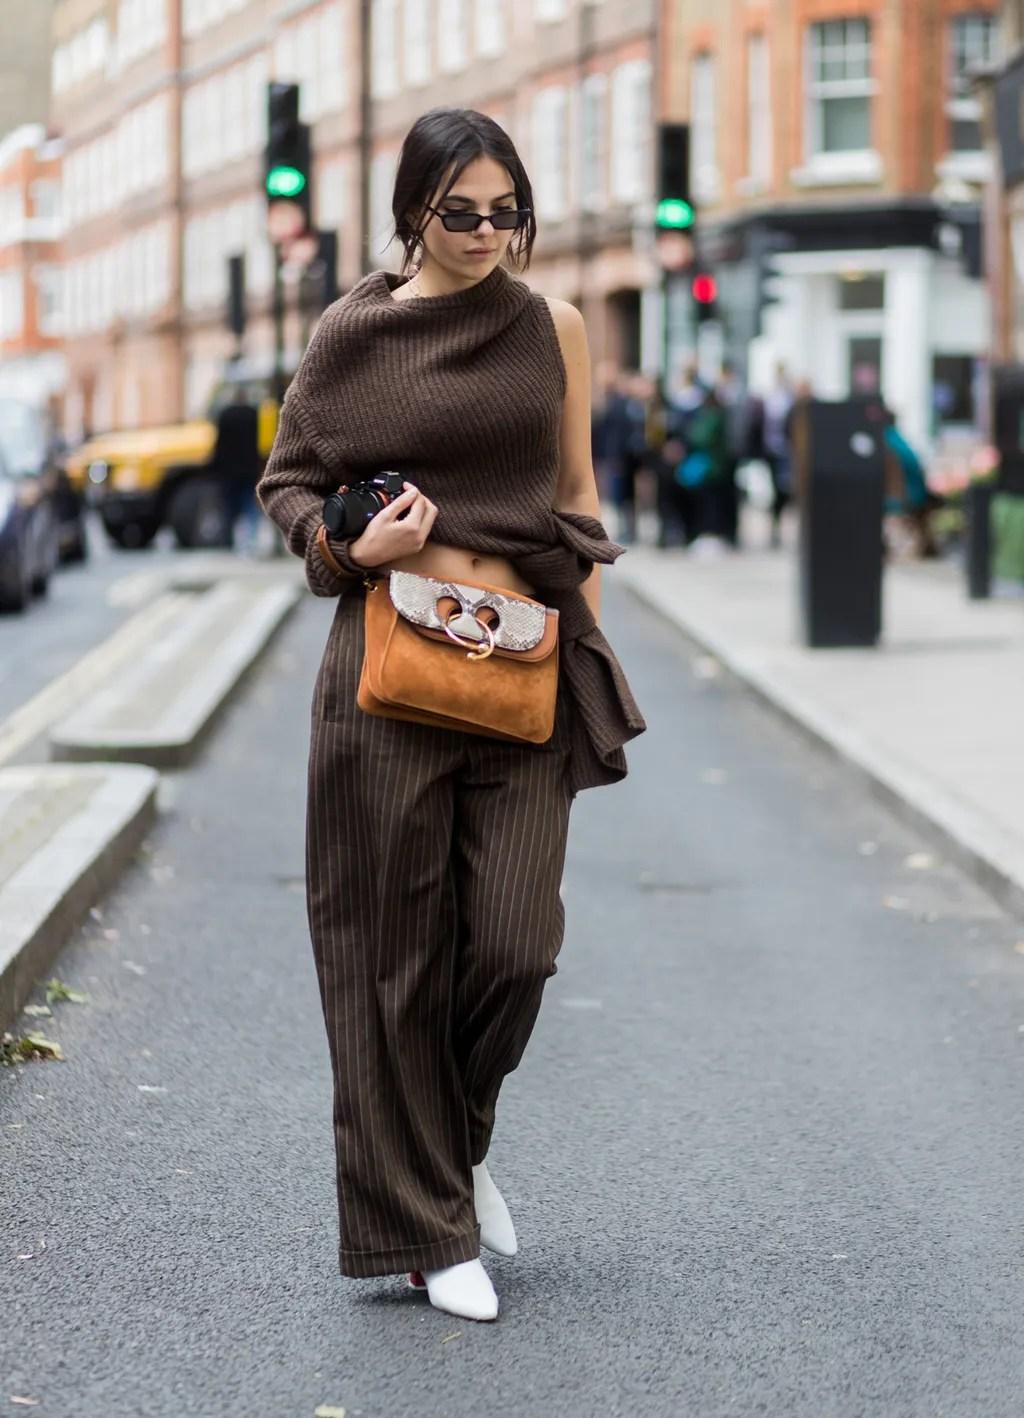 Spring 2018 Wardrobe Essentials: Knit Set